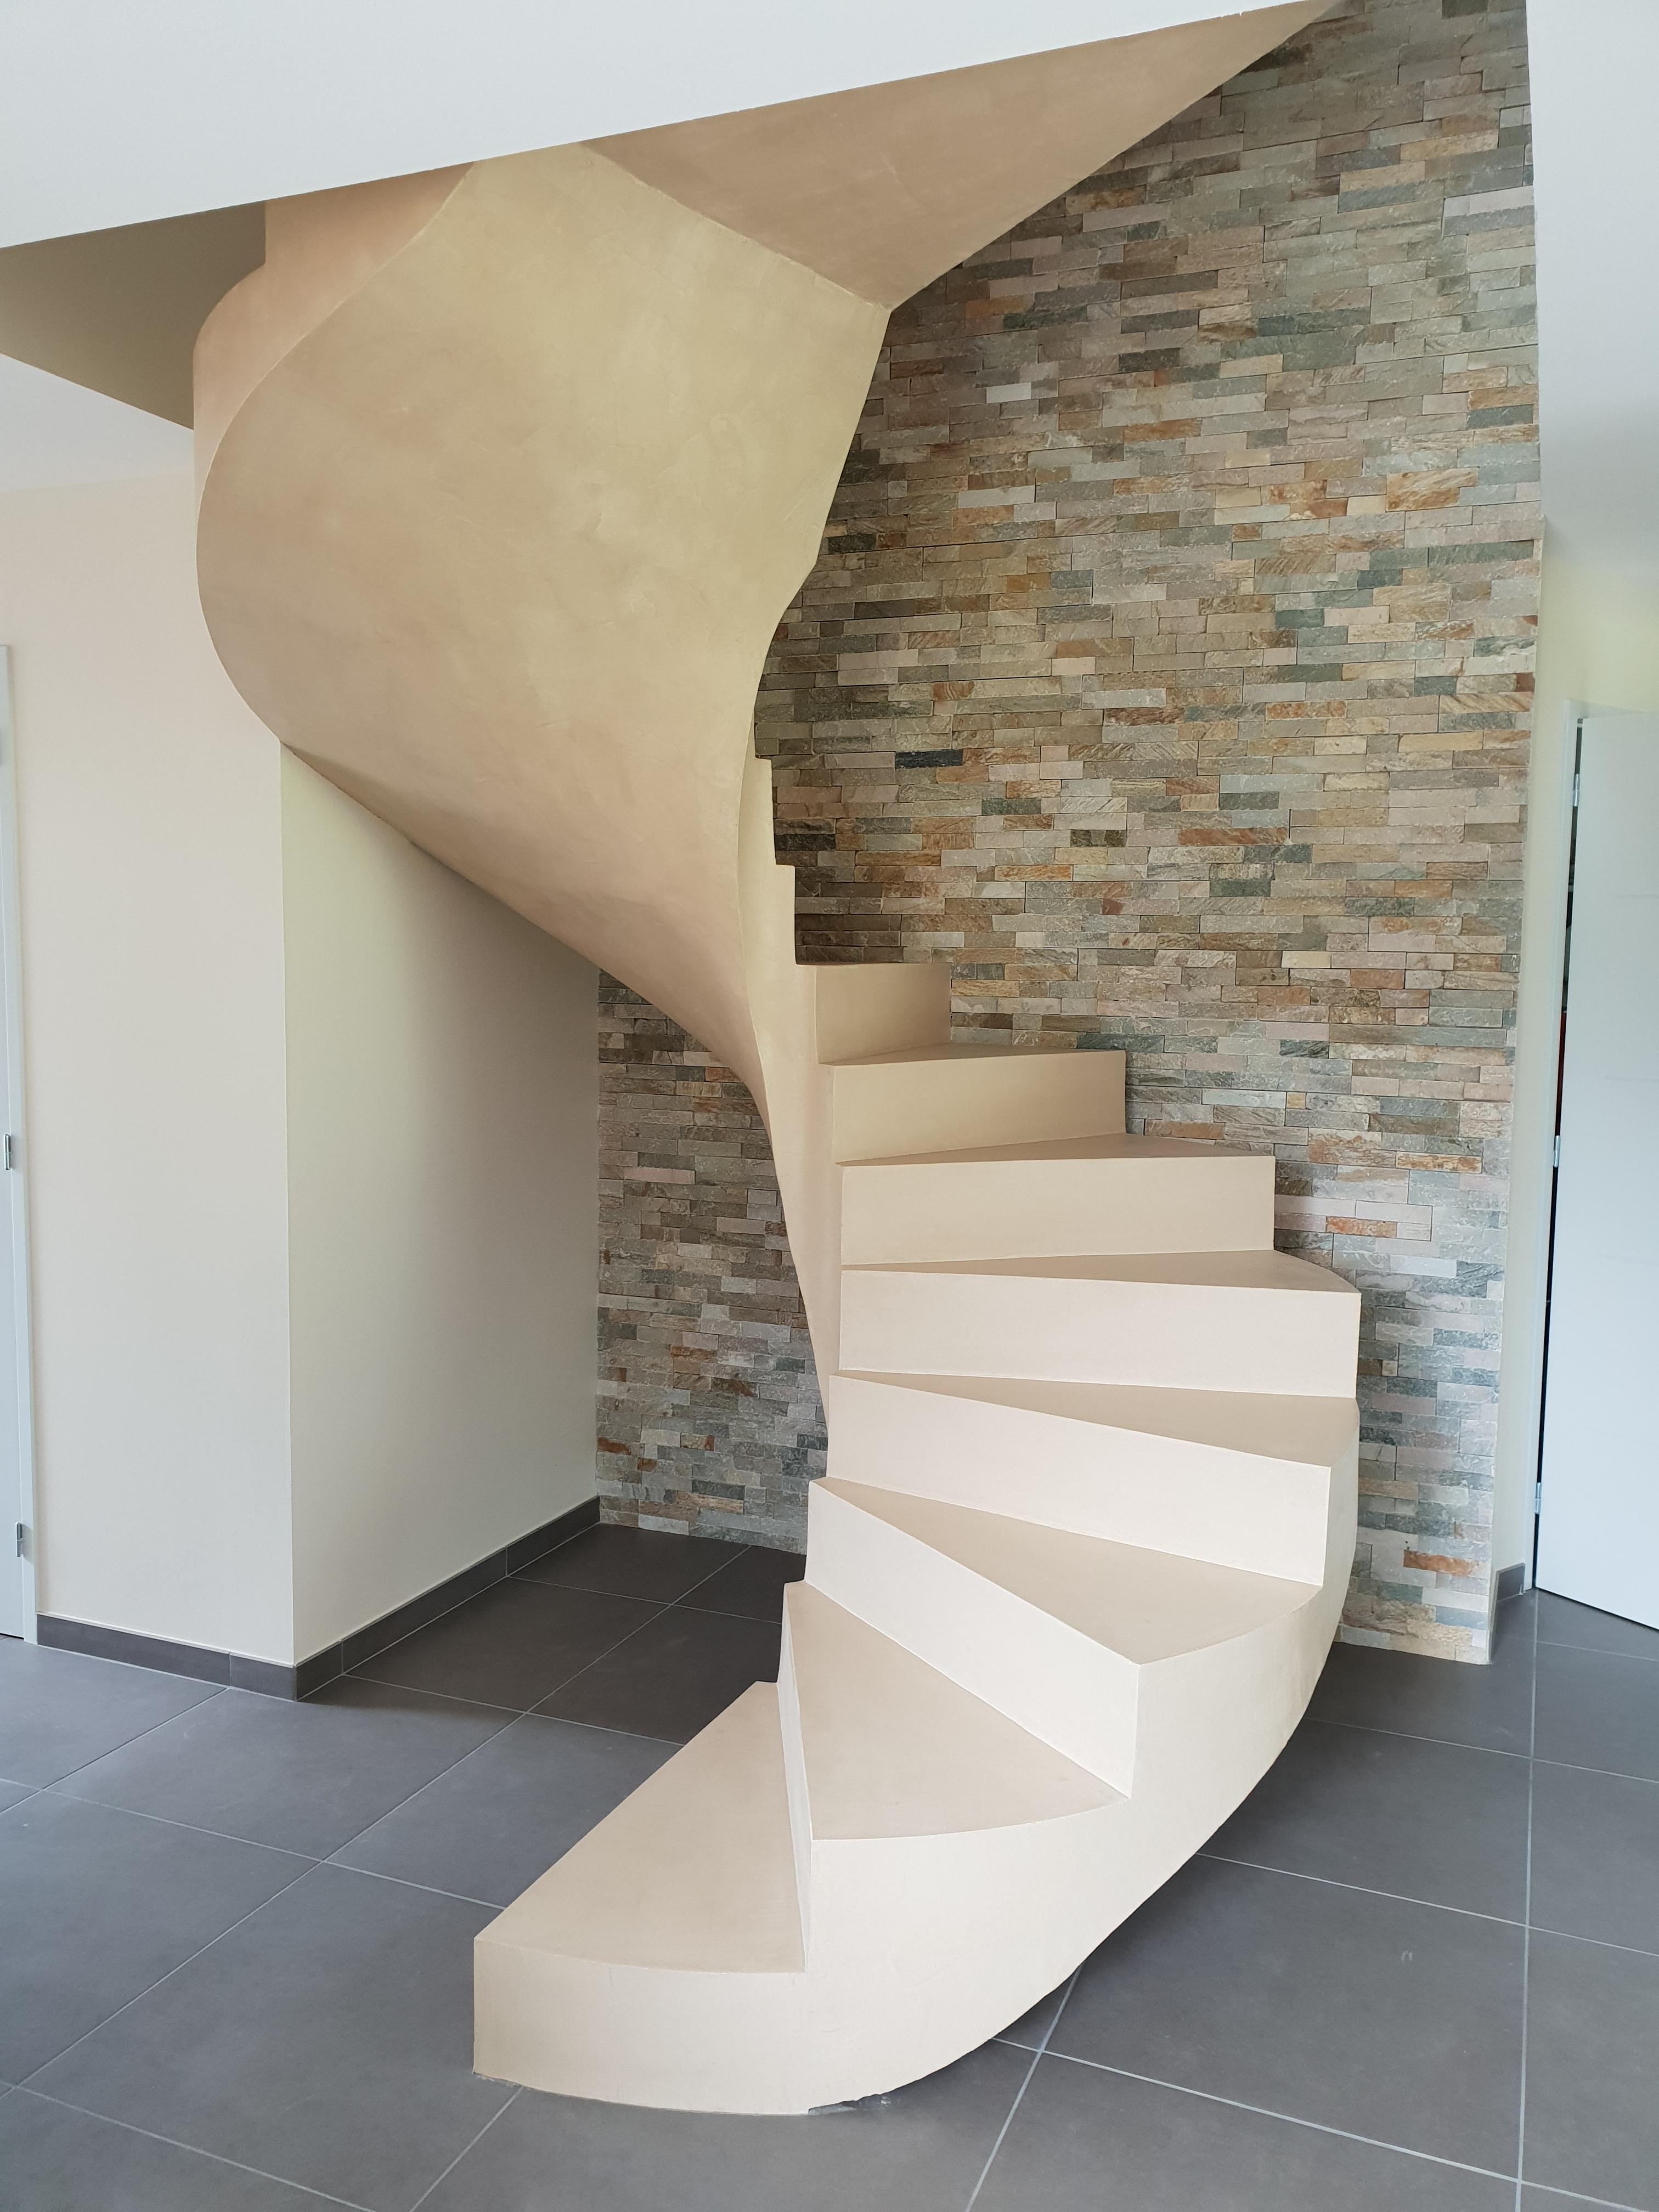 Escalier hélicoïdal en béton ciré sur un fond de mur en pierre